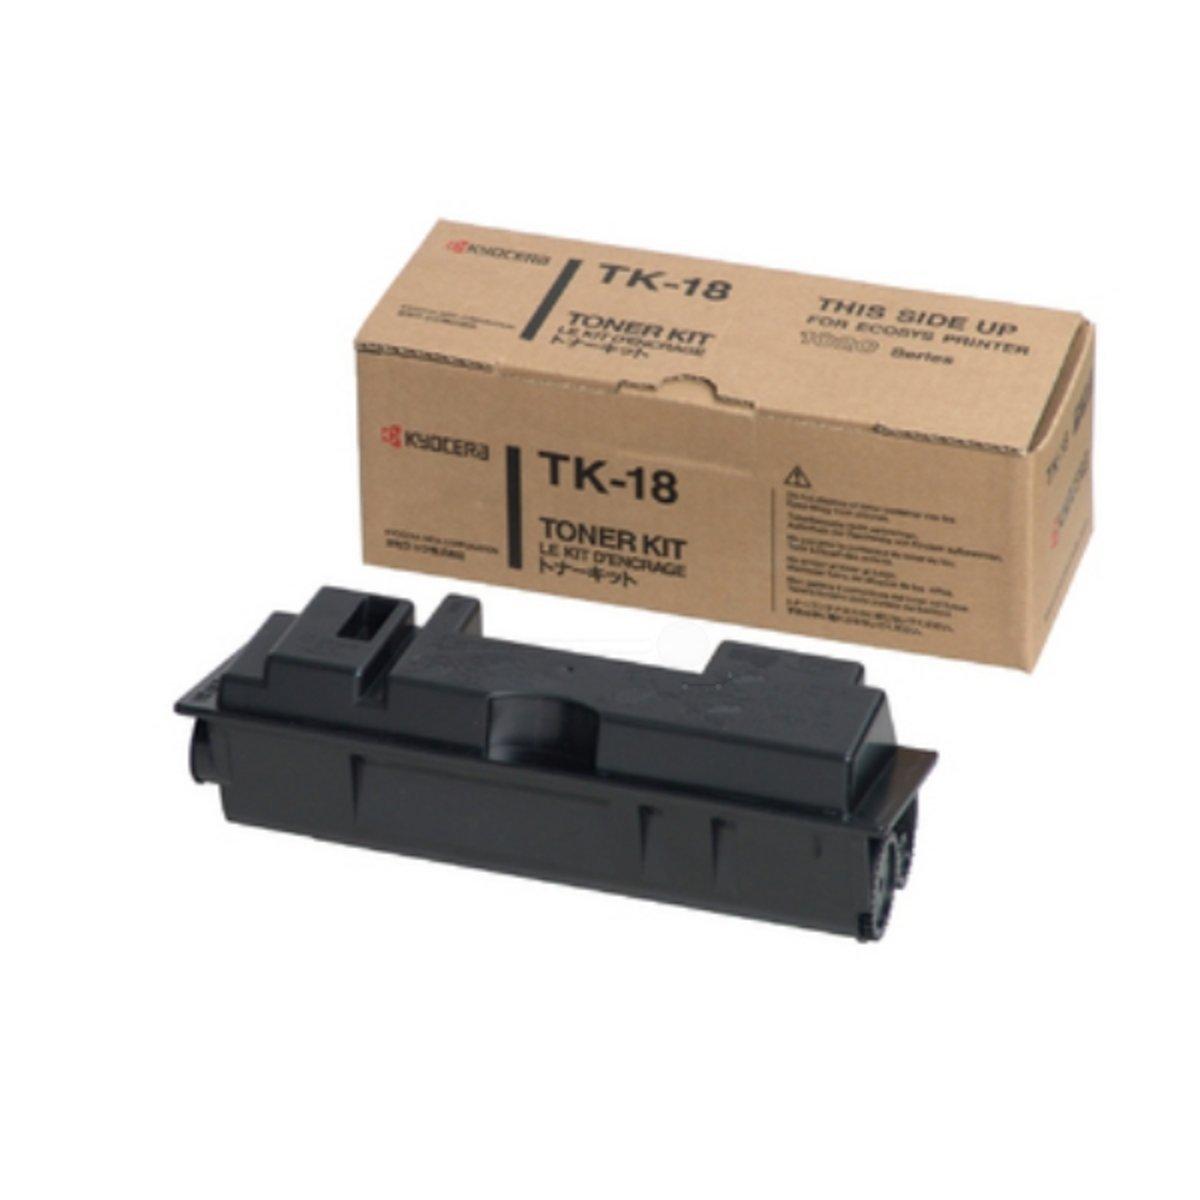 Vorschau: Original Kyocera Toner TK-18 für FS-1020D DN schwarz